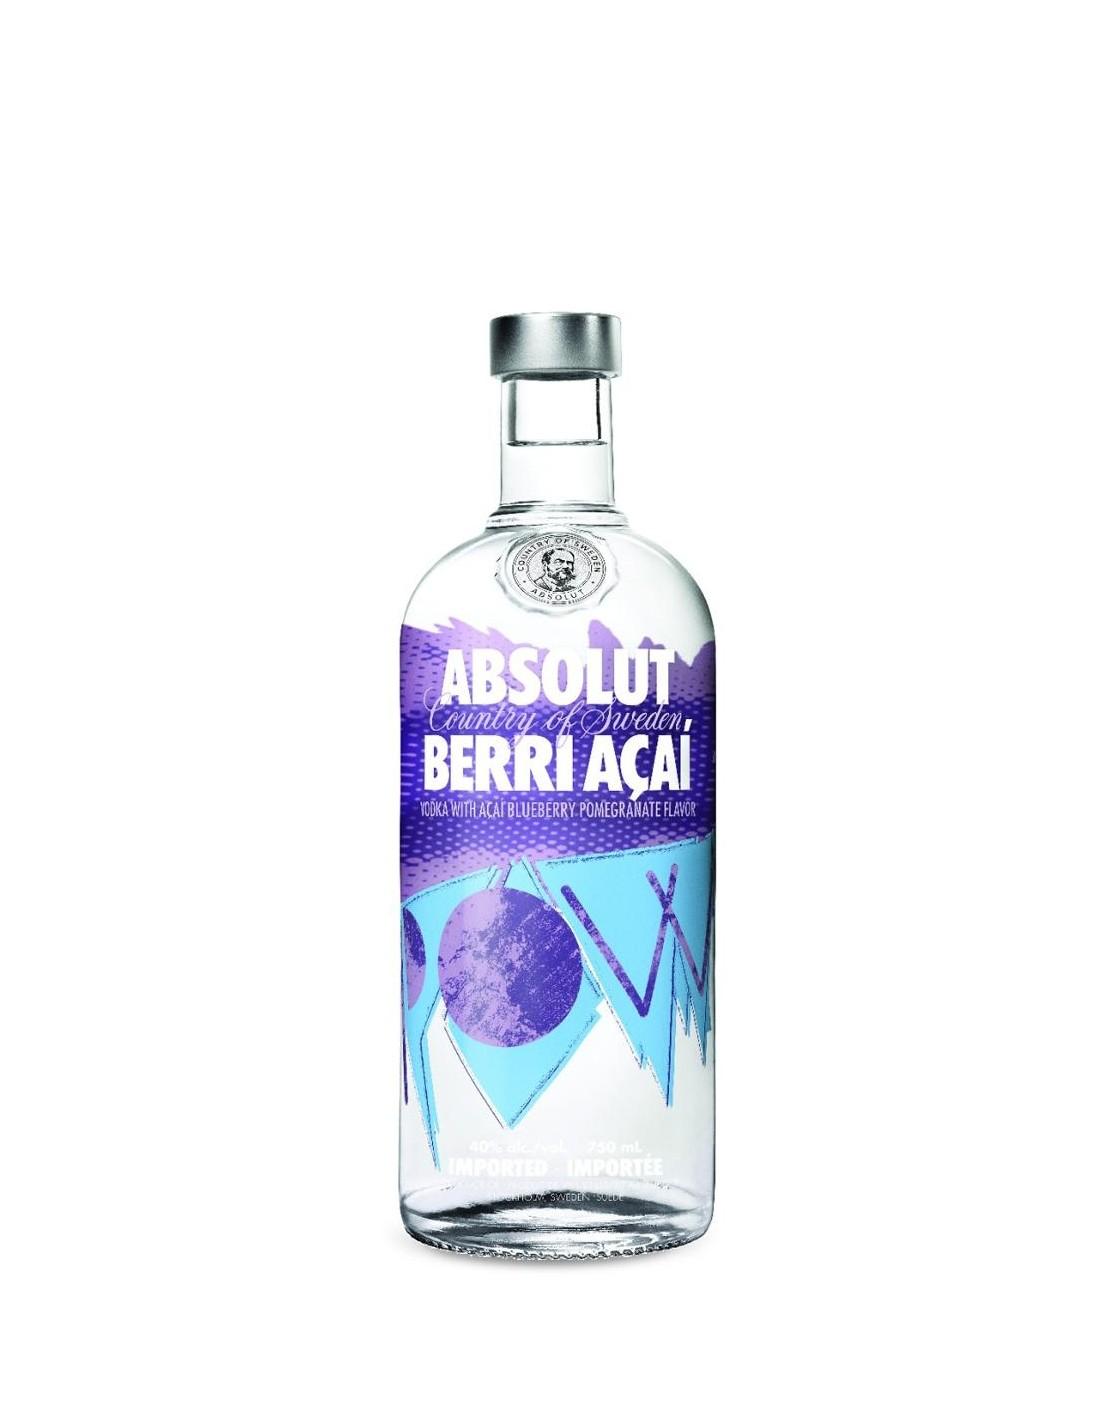 Vodca Absolut Berry Acai 1L, 40% alc., Suedia